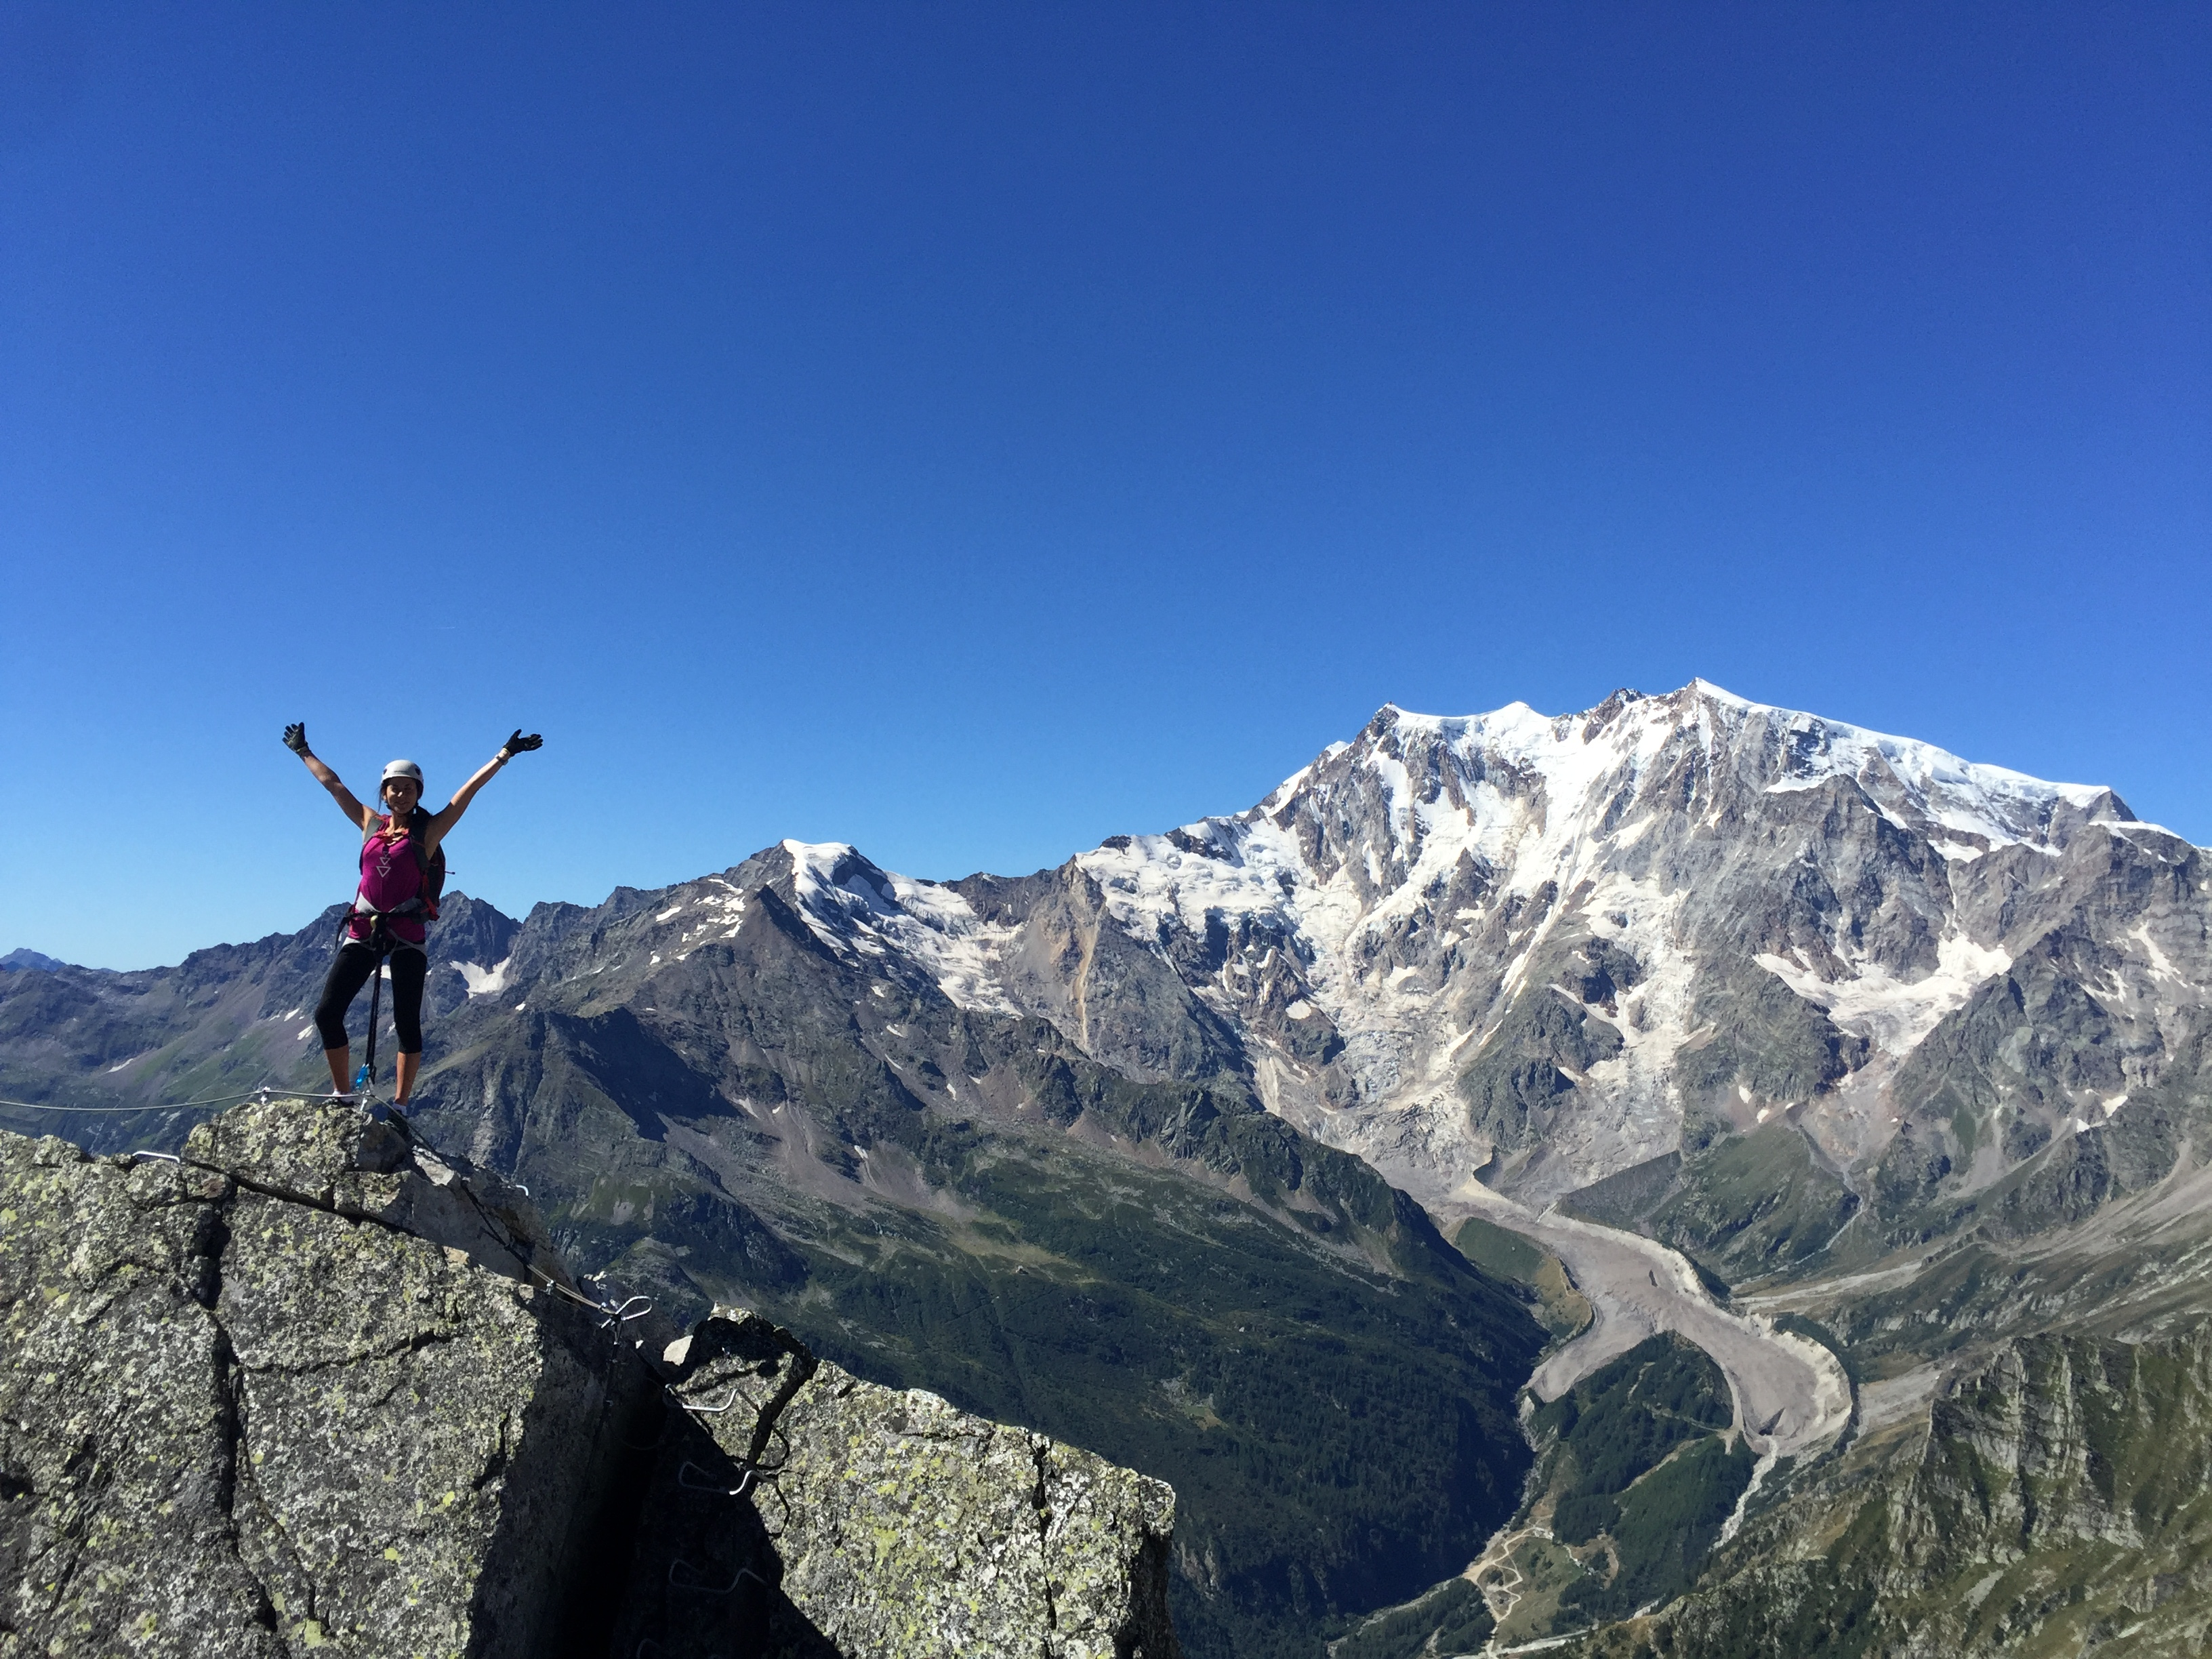 Ufficio Guide Monte Rosa : Lago maggiore mountain guides hospitality activities